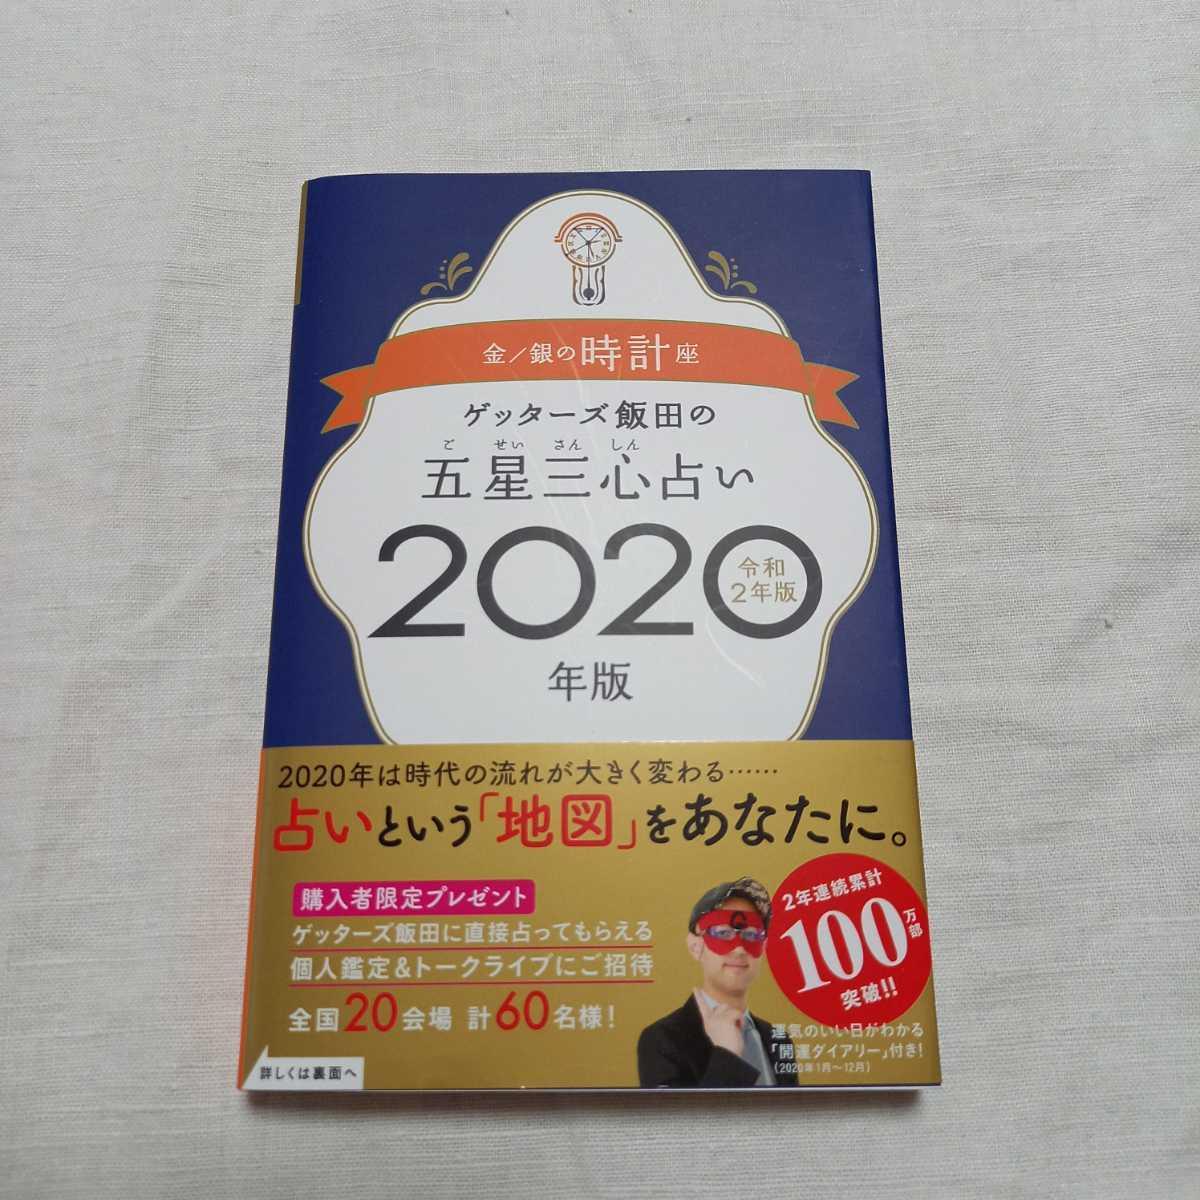 占い ゲッターズ 無料 飯田 2020